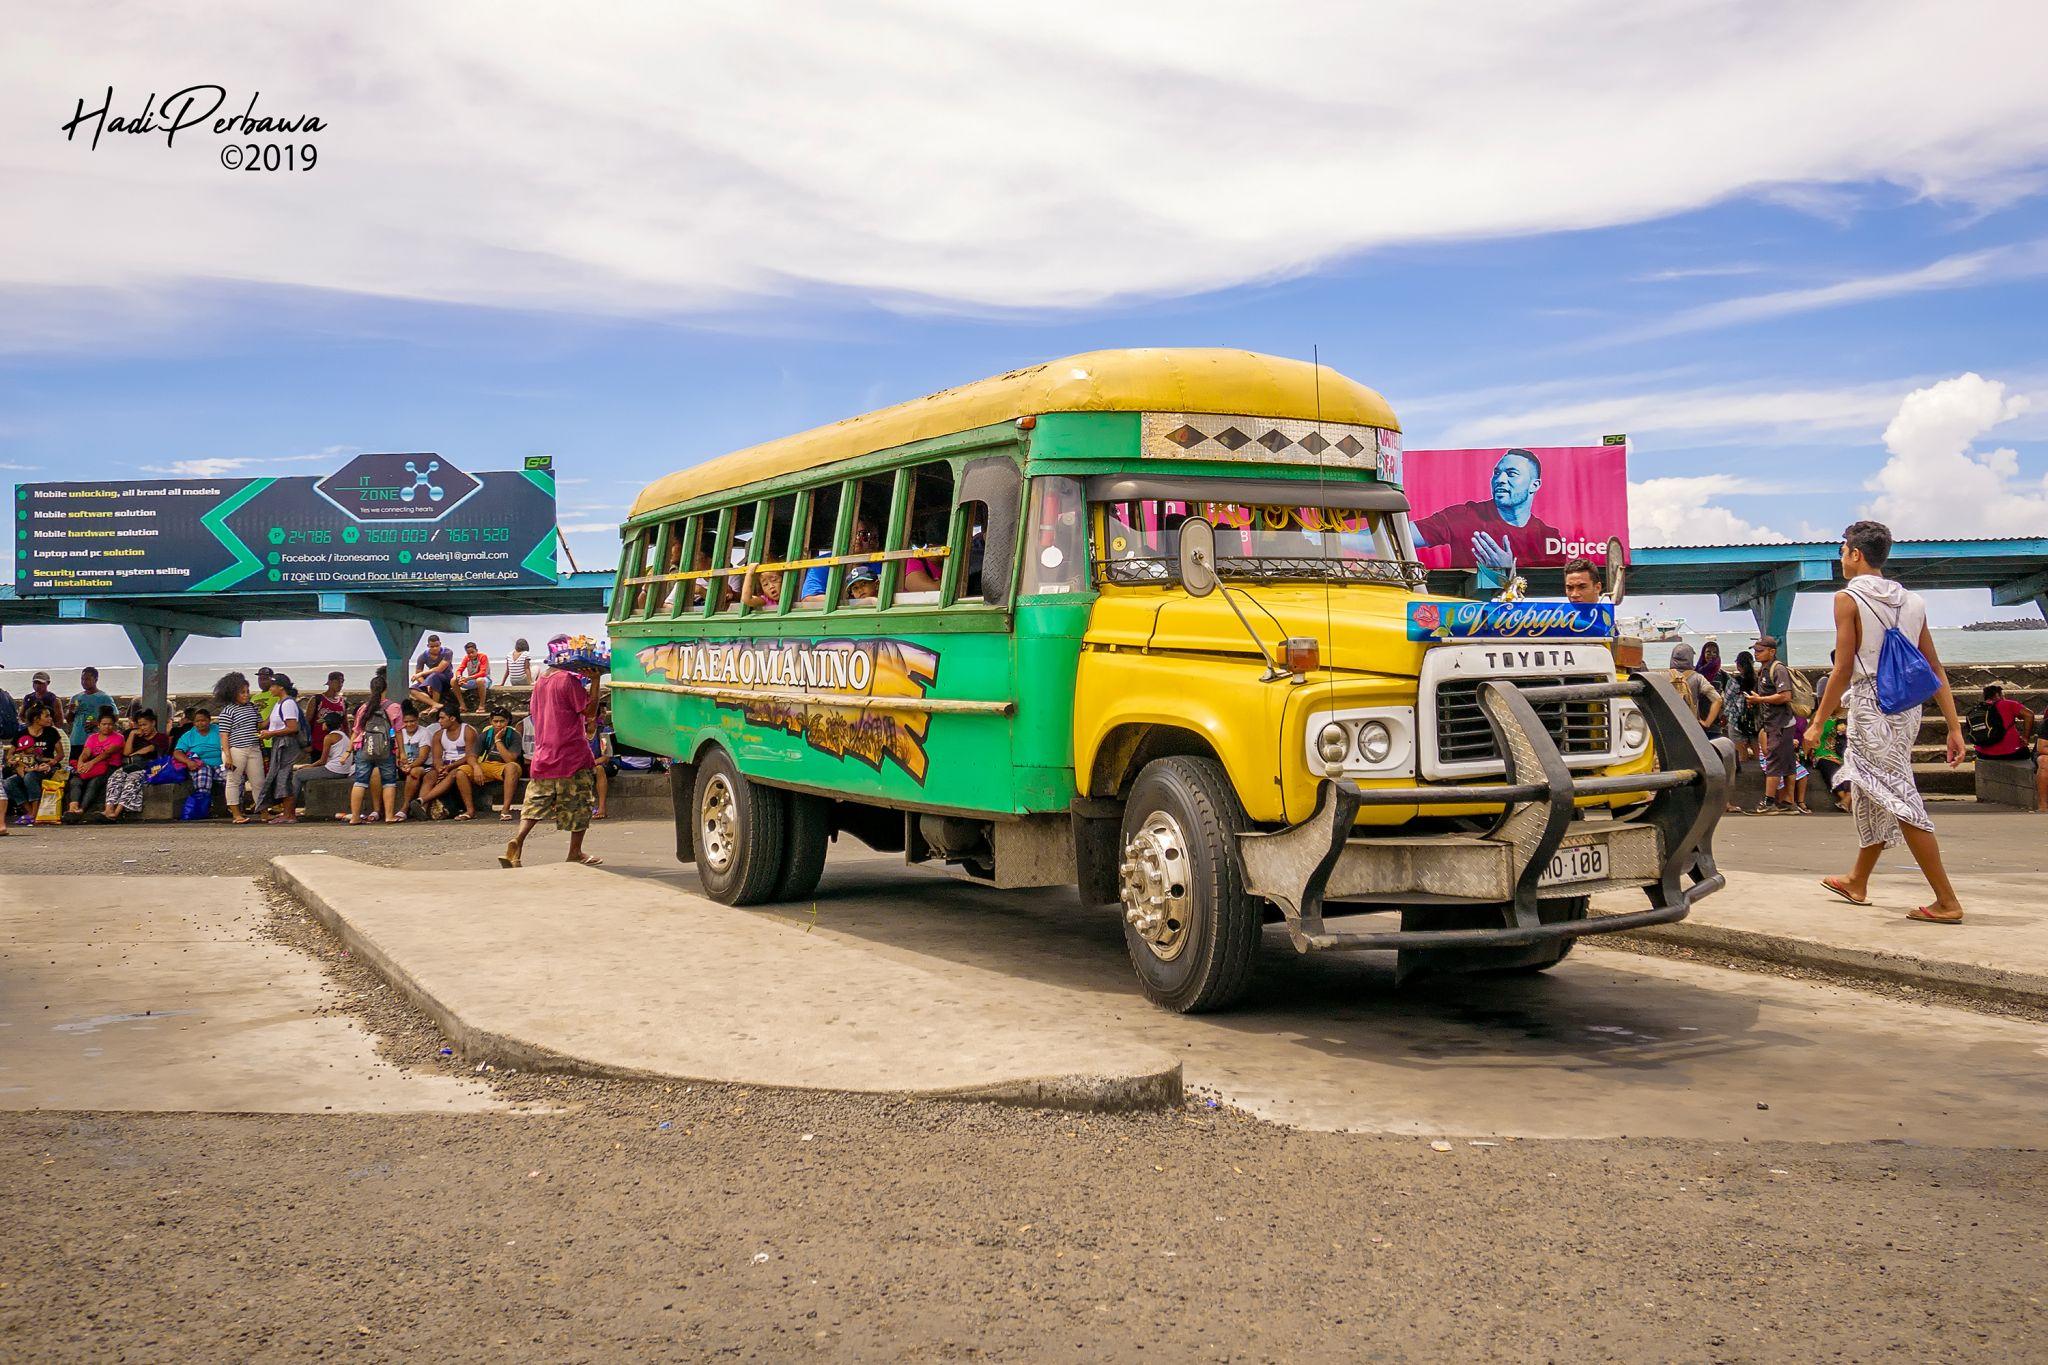 The Apia's Iconic Colorful Bus, Samoa